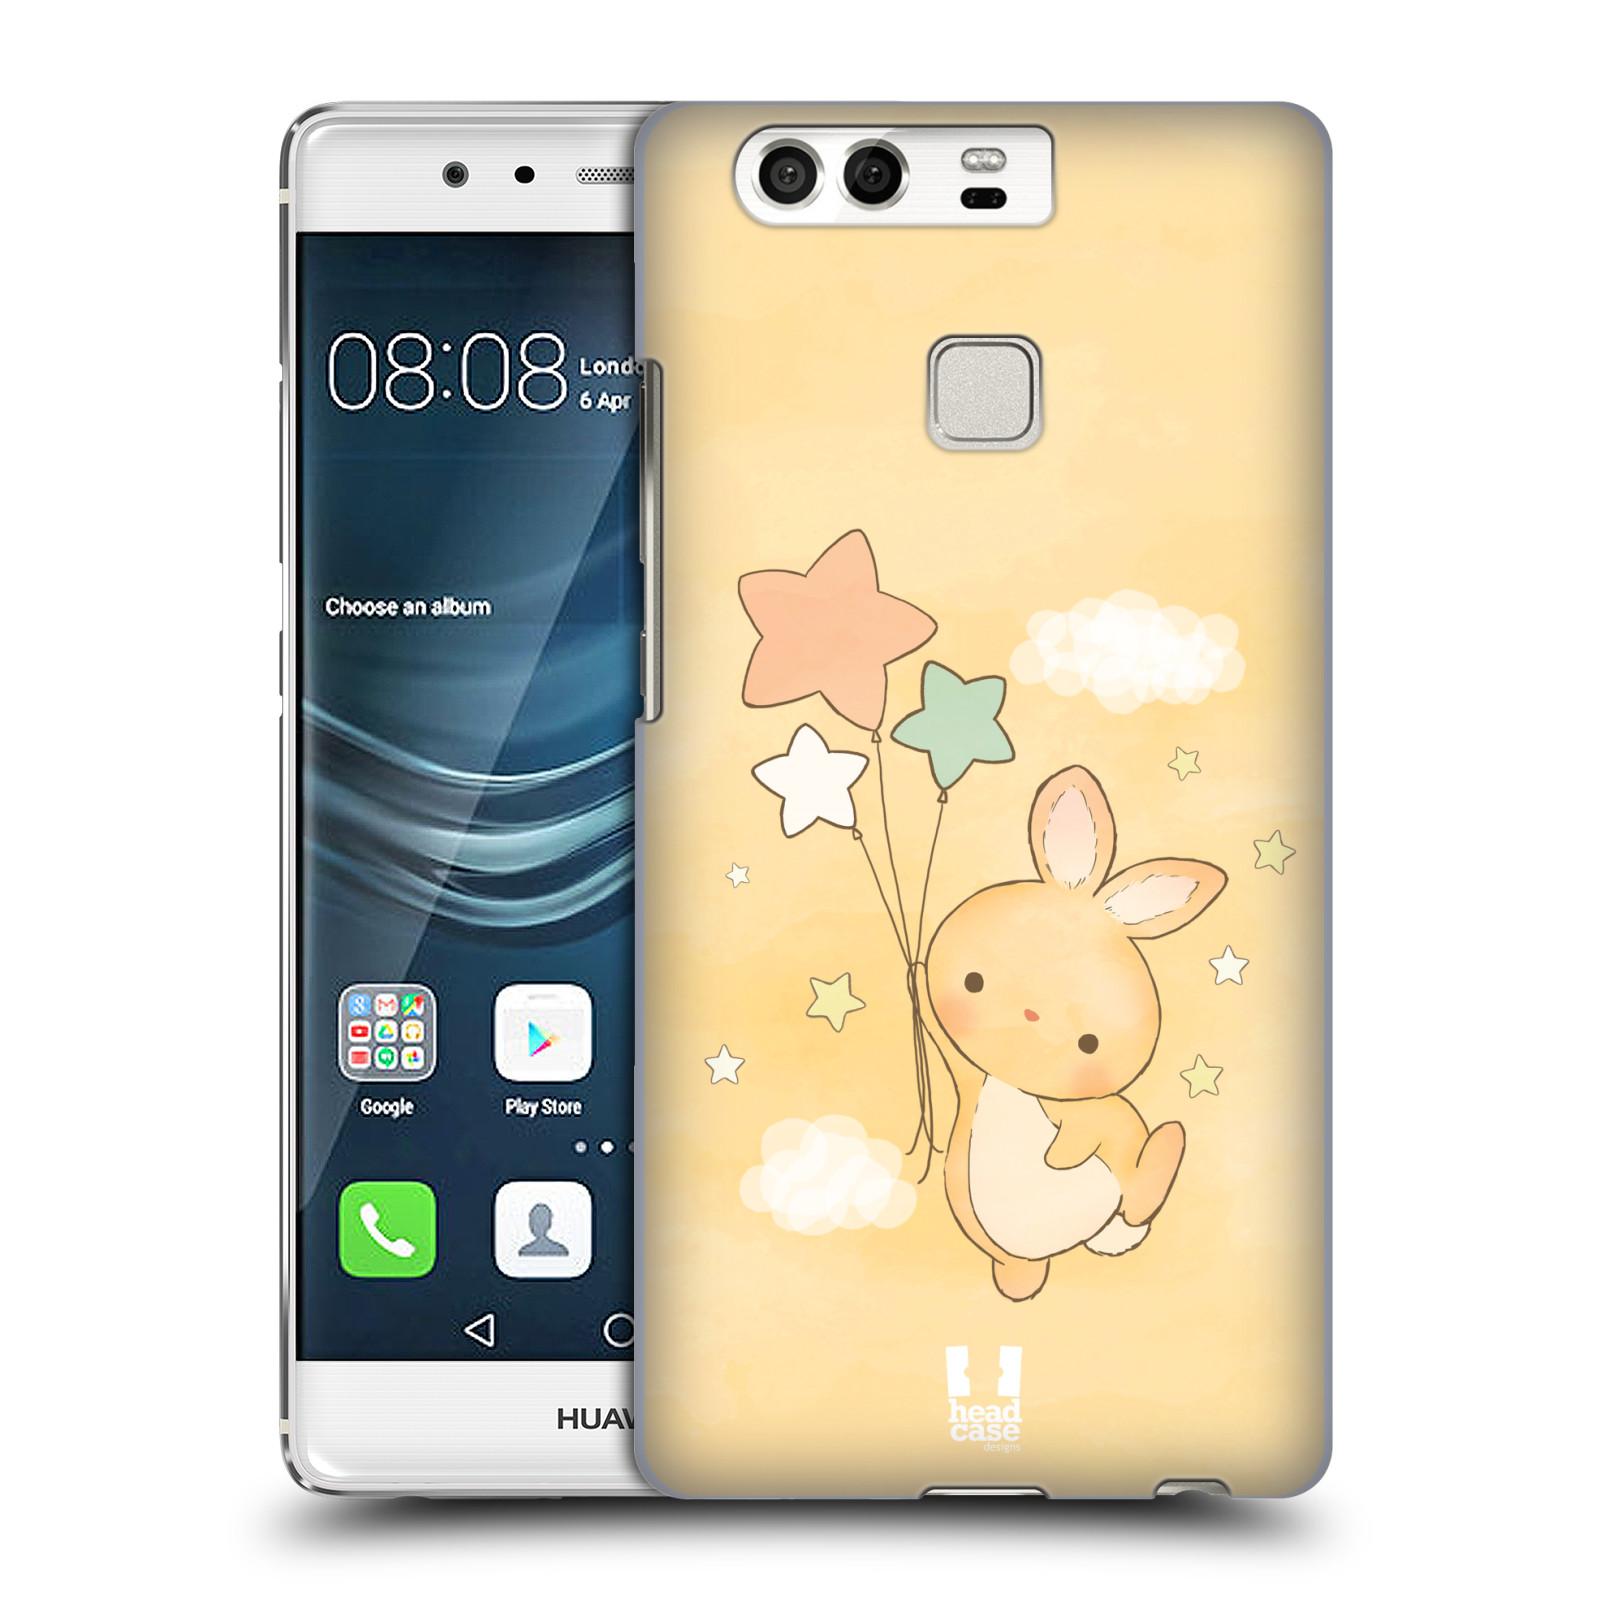 HEAD CASE plastový obal na mobil Huawei P9 / P9 DUAL SIM vzor králíček a hvězdy žlutá